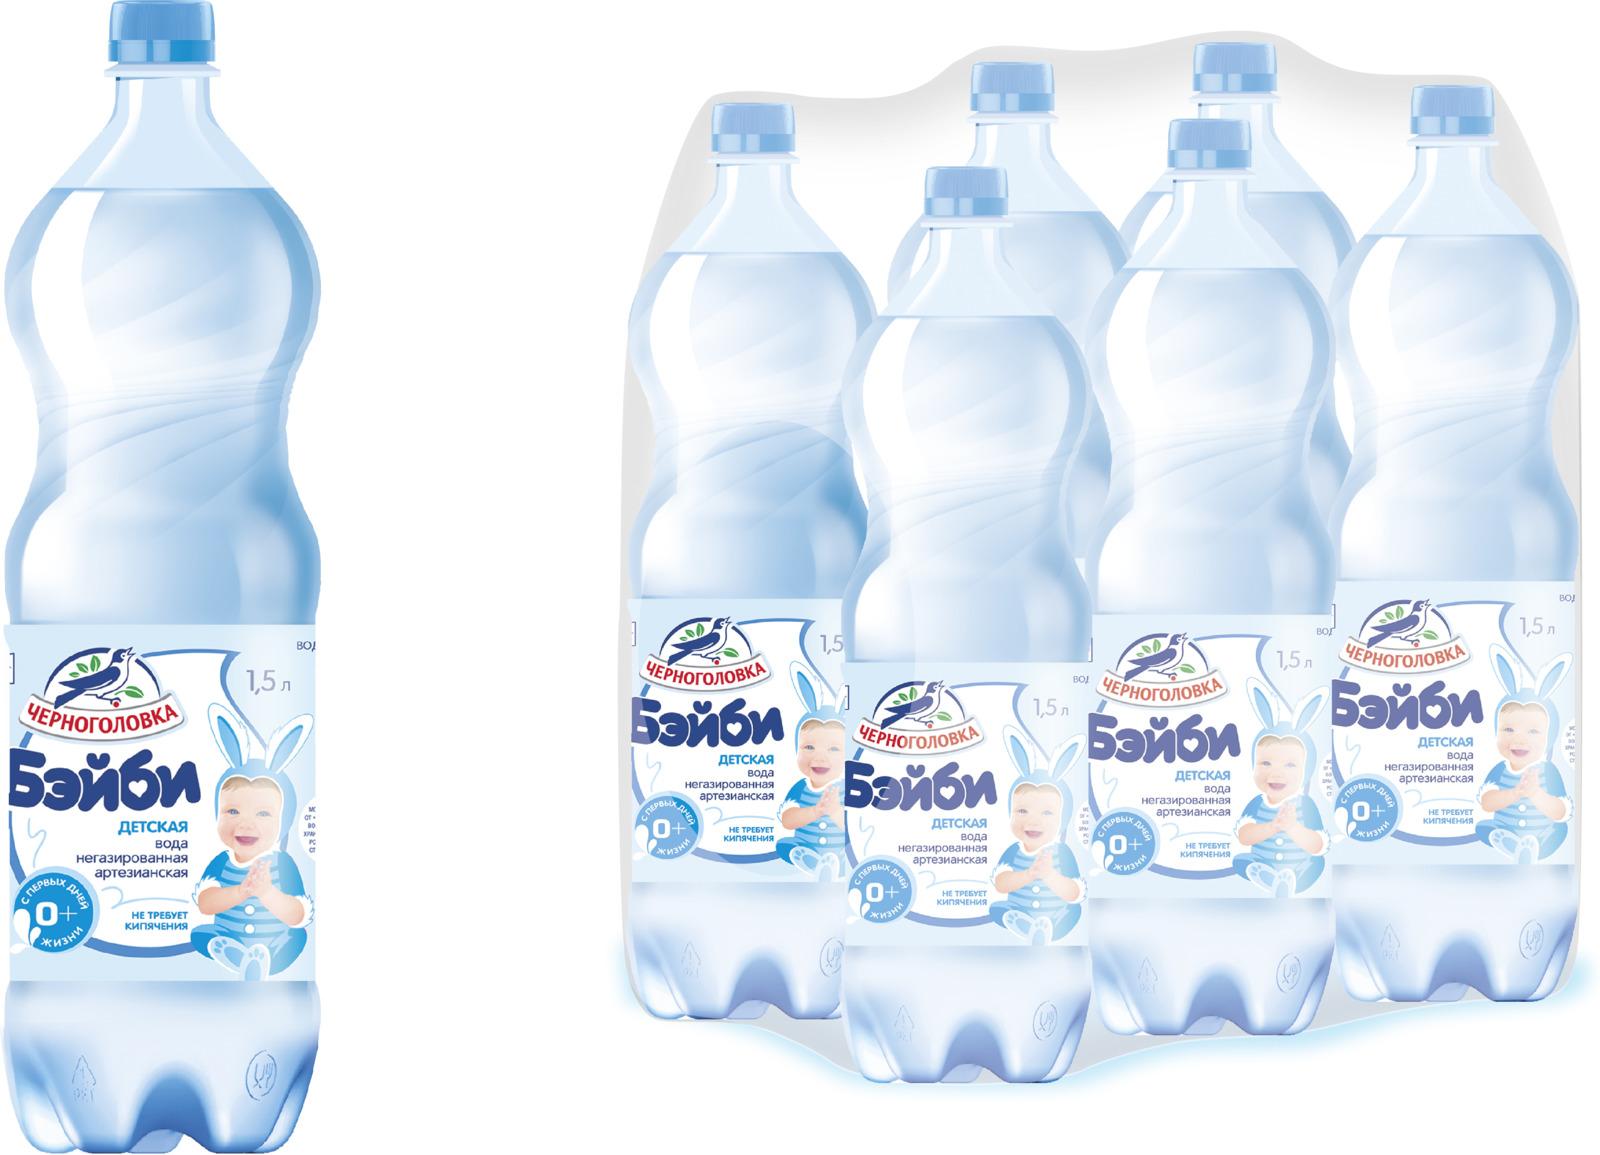 """Вода """"Черноголовская"""", 010500-0051203, питьевая, негазированная, для детей, 6 шт, 1,5 л"""